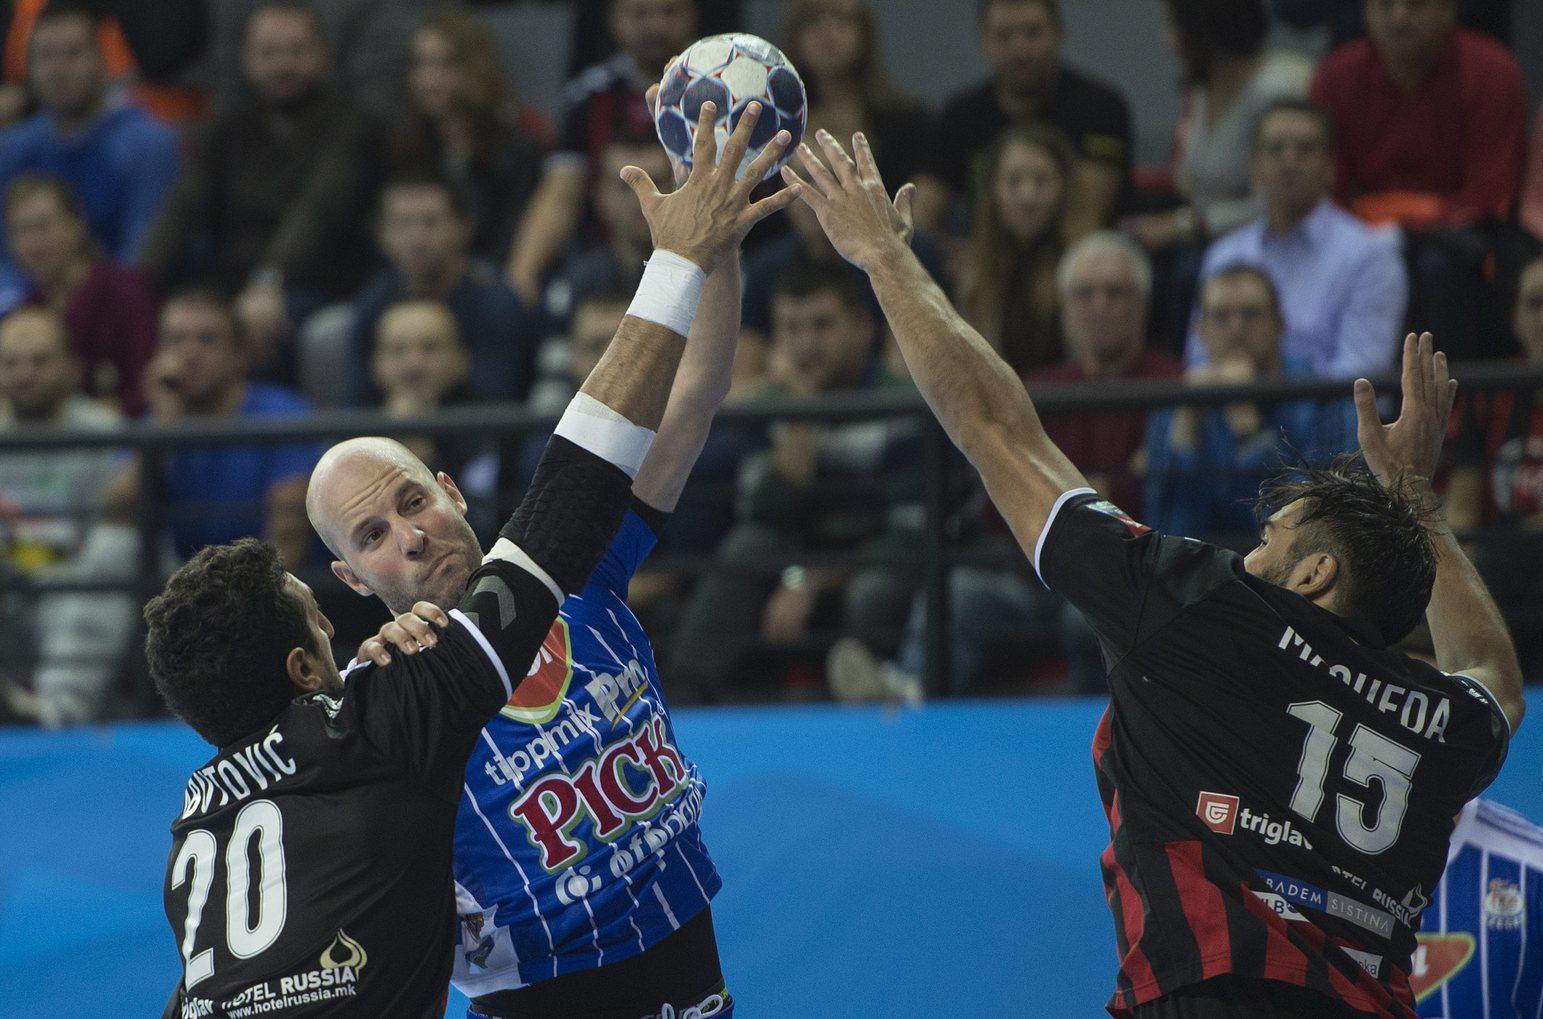 Vardar Szkopje - MOL-Pick Szeged - Balogh Zsolt, Nikola Abutovic és Jorge Maqeda - fotó: EPA/Georgi Licovski